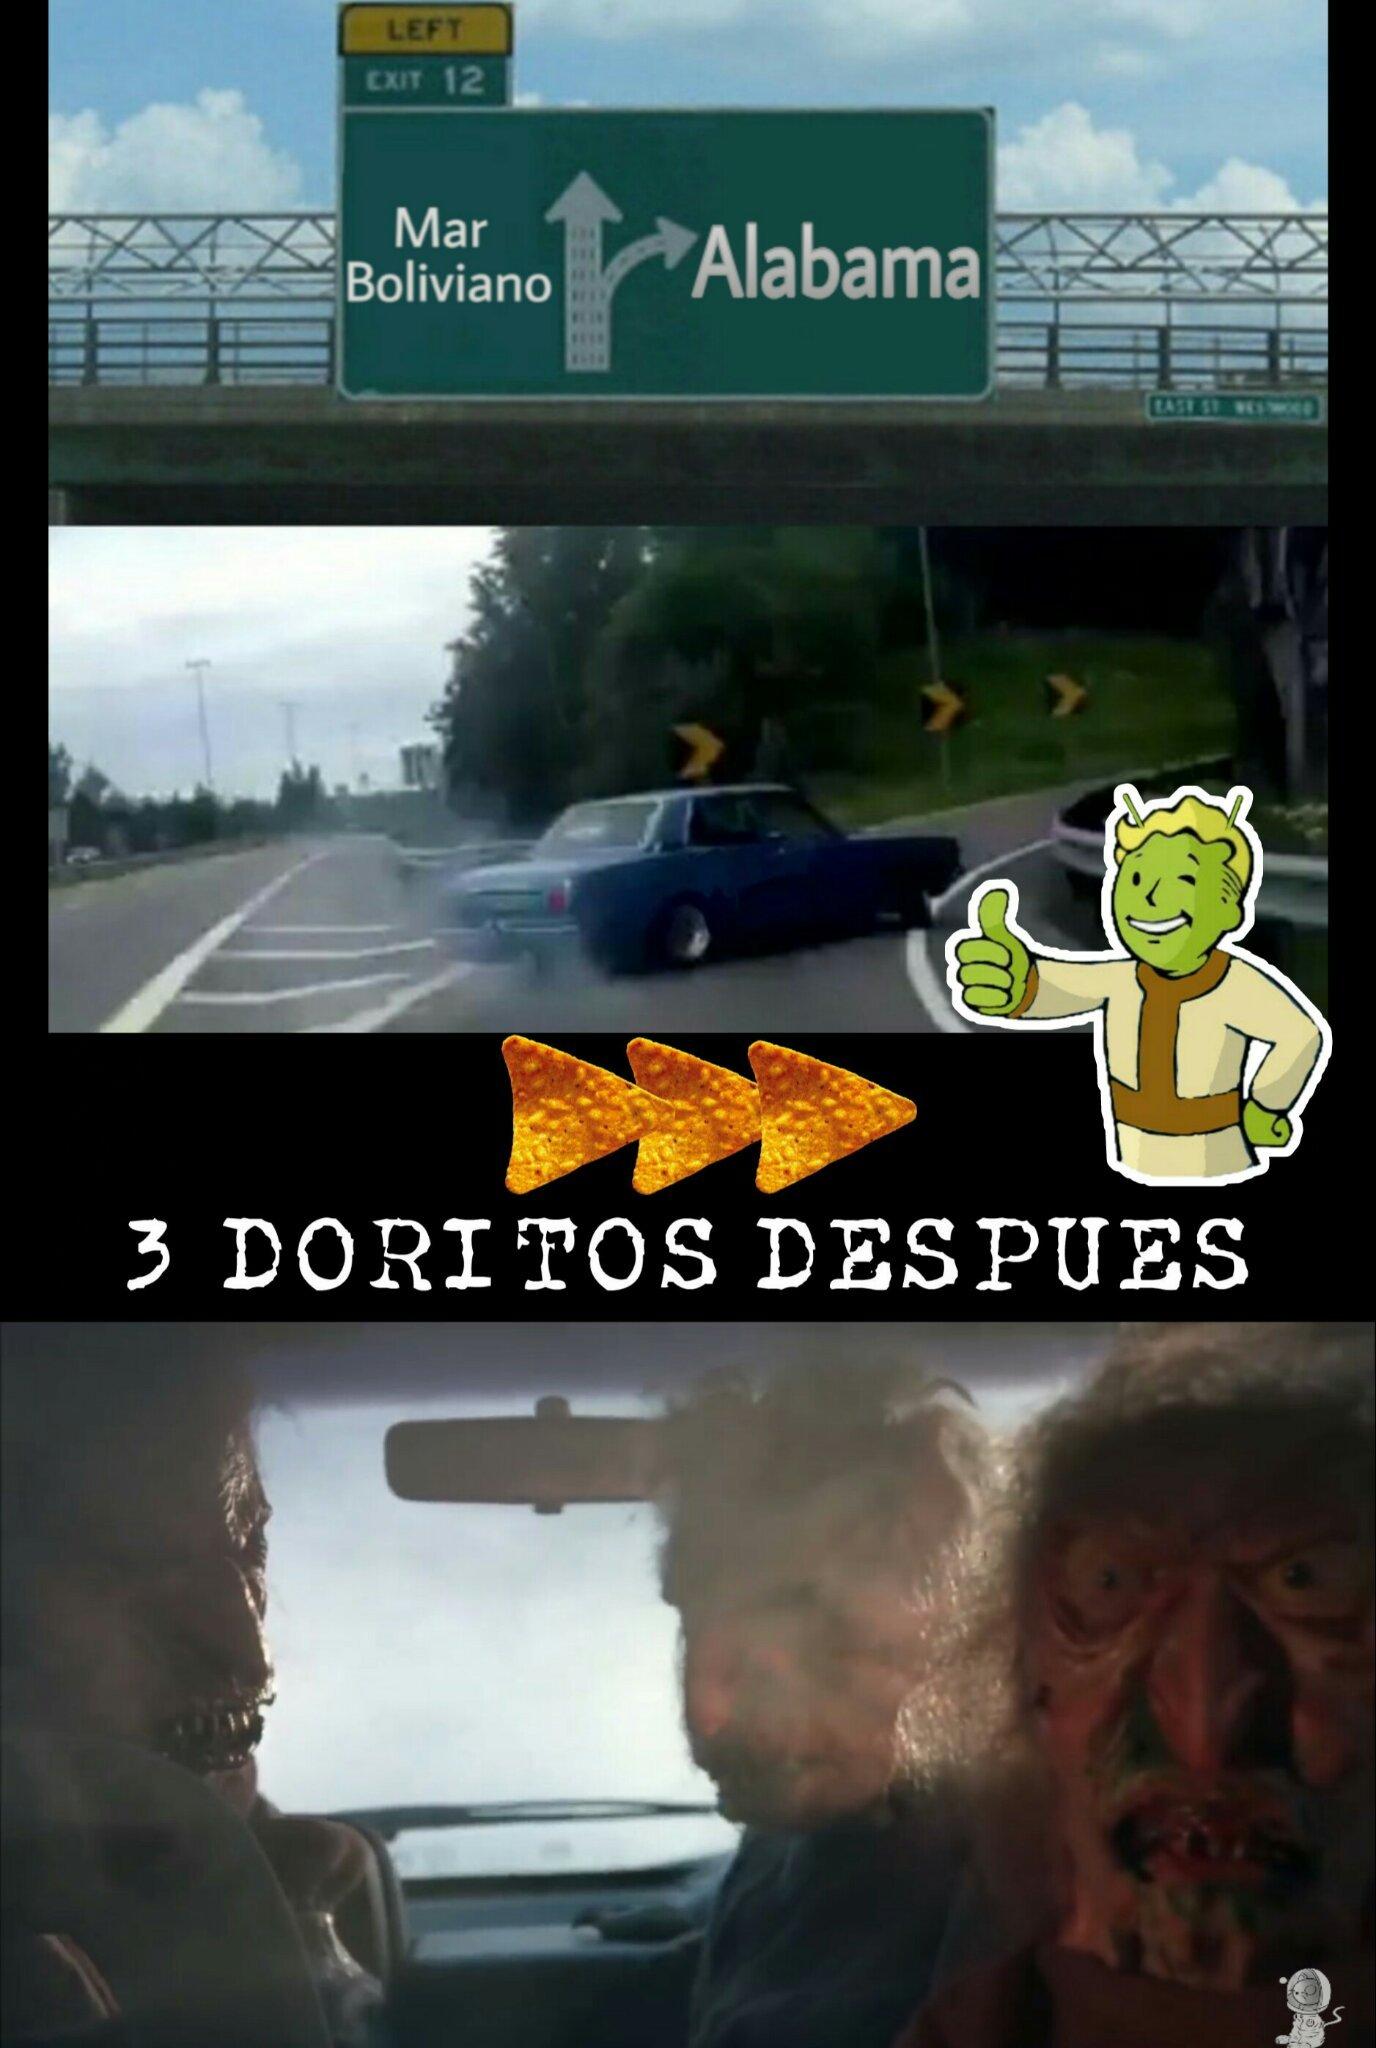 Por eso mejor al mar boliviano - meme